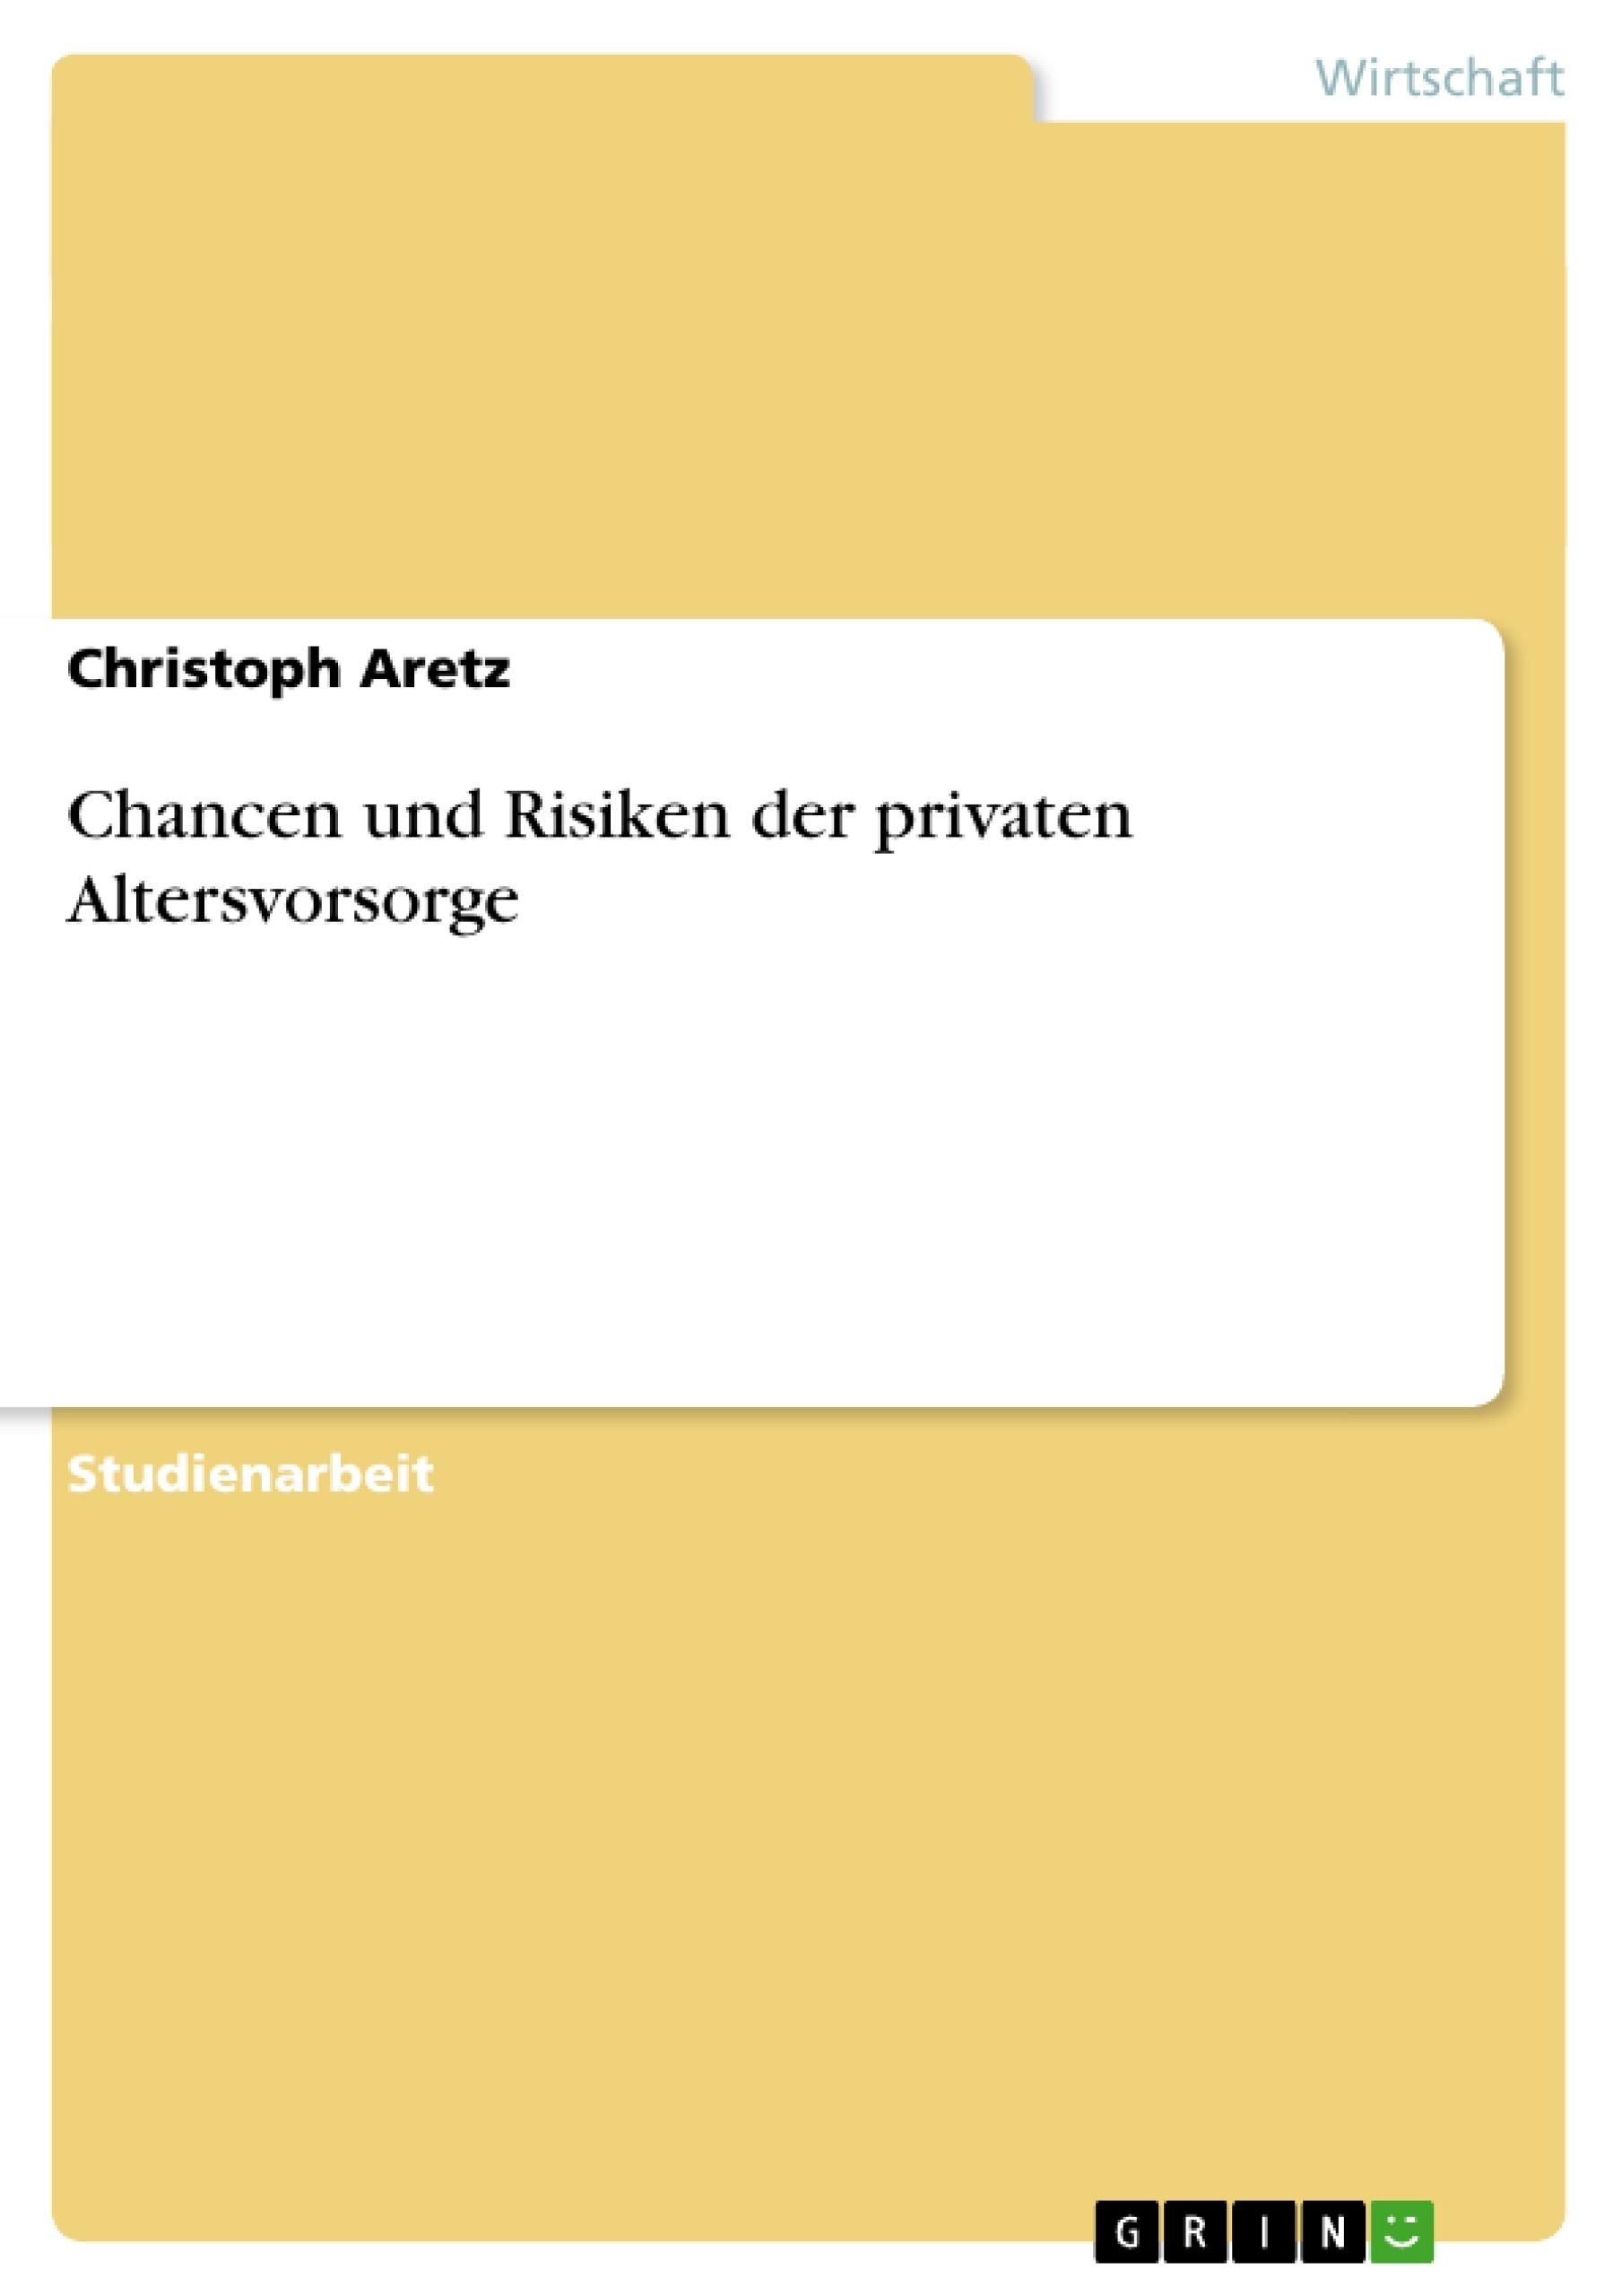 Titel: Chancen und Risiken der privaten Altersvorsorge